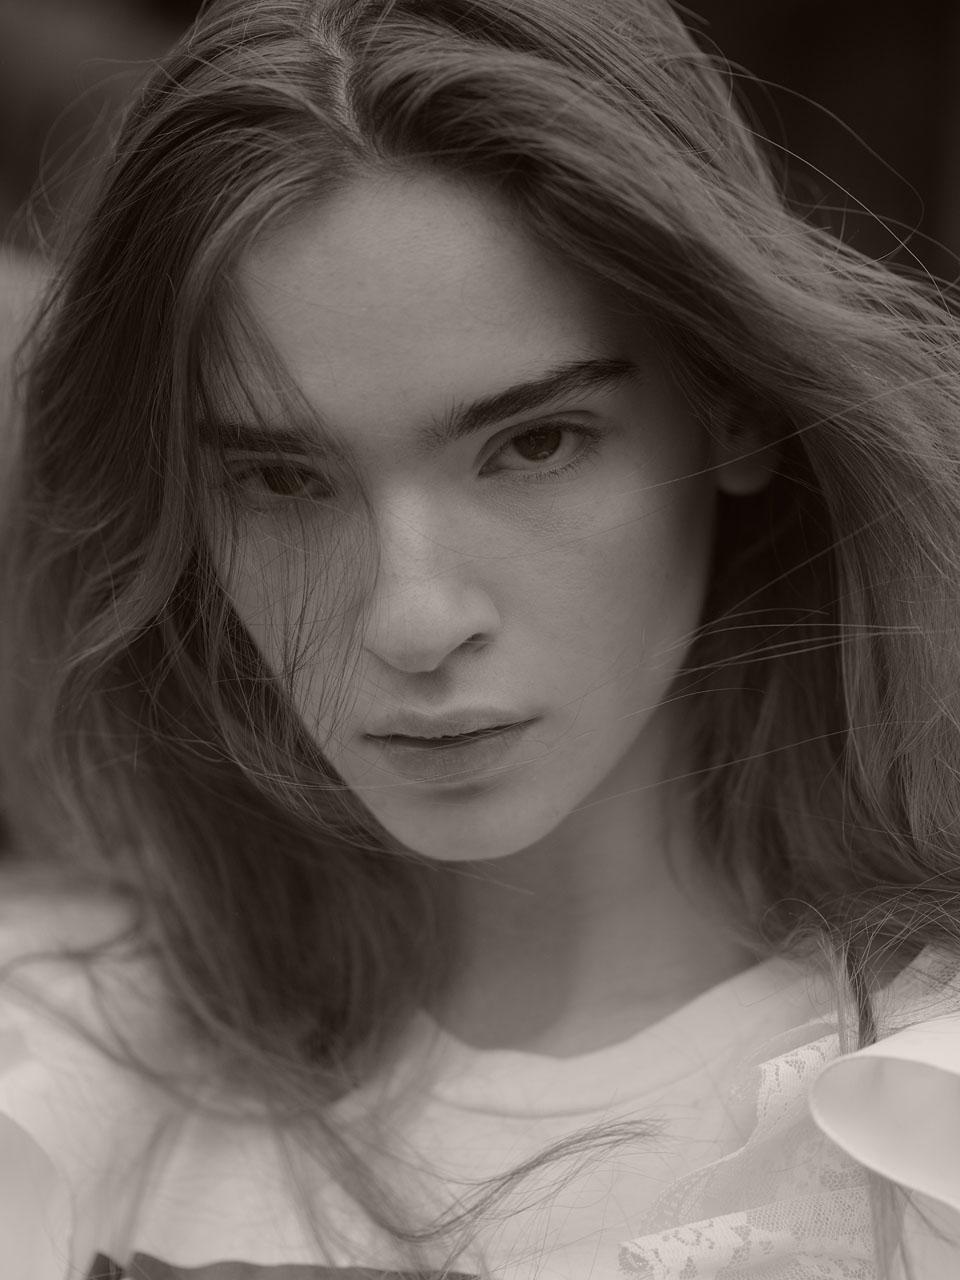 Liv Solorzano